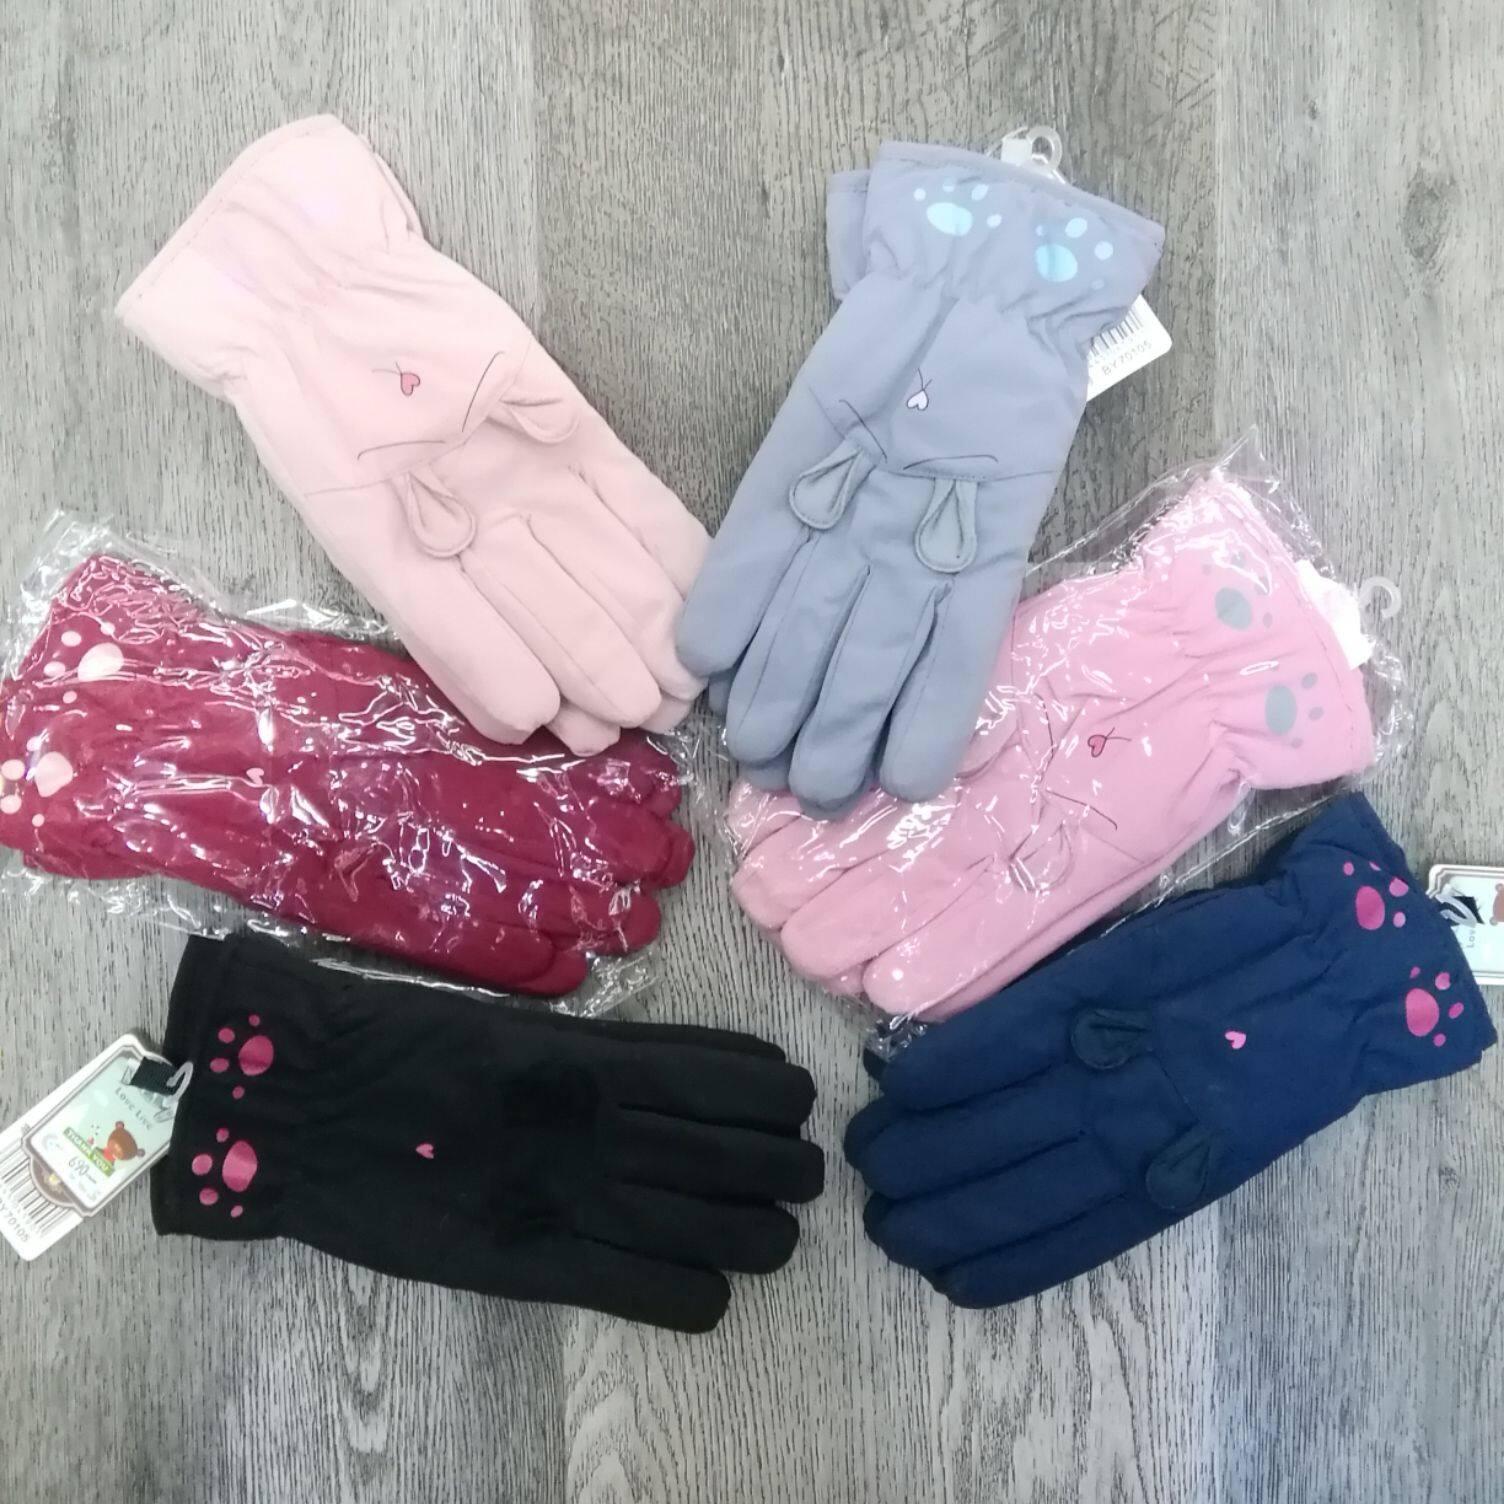 ถุงมือสกีกันหิมะเด็กหญิงมีบุขนนิ่มๆด้านในสีสดใส.